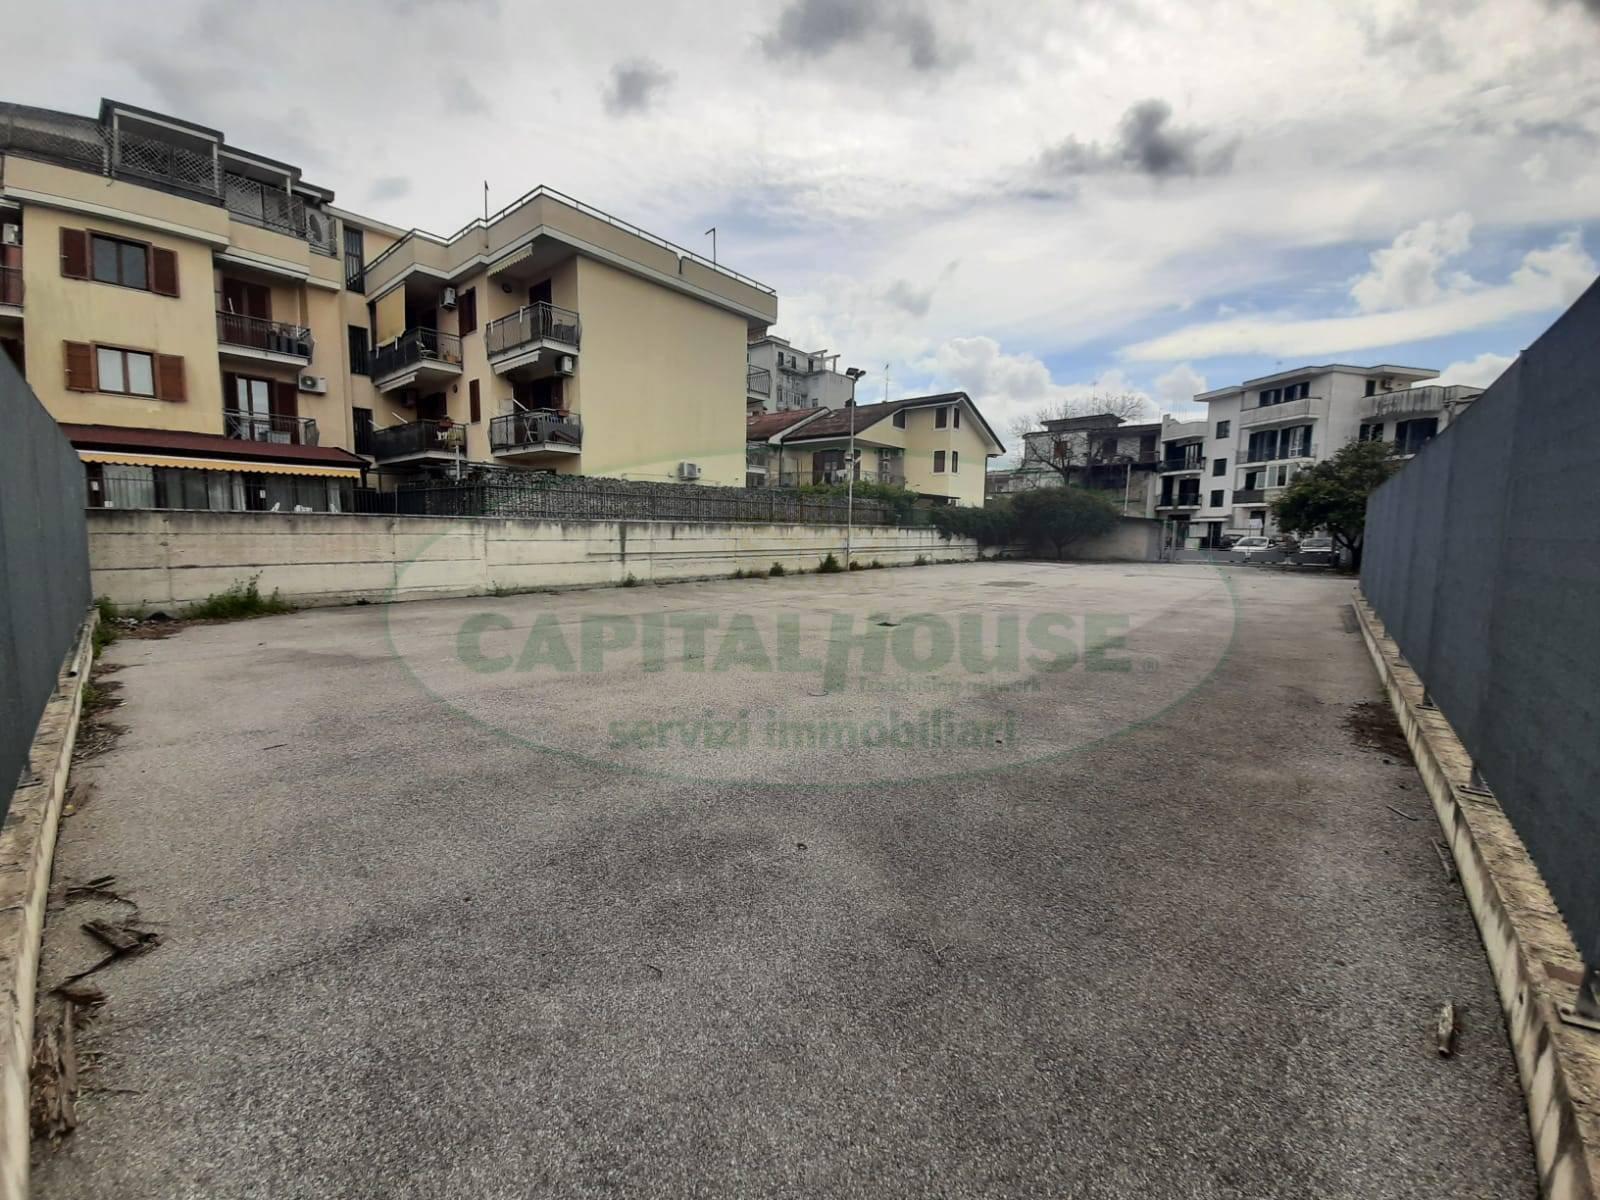 Terreno Agricolo in affitto a Nola, 9999 locali, prezzo € 500 | CambioCasa.it